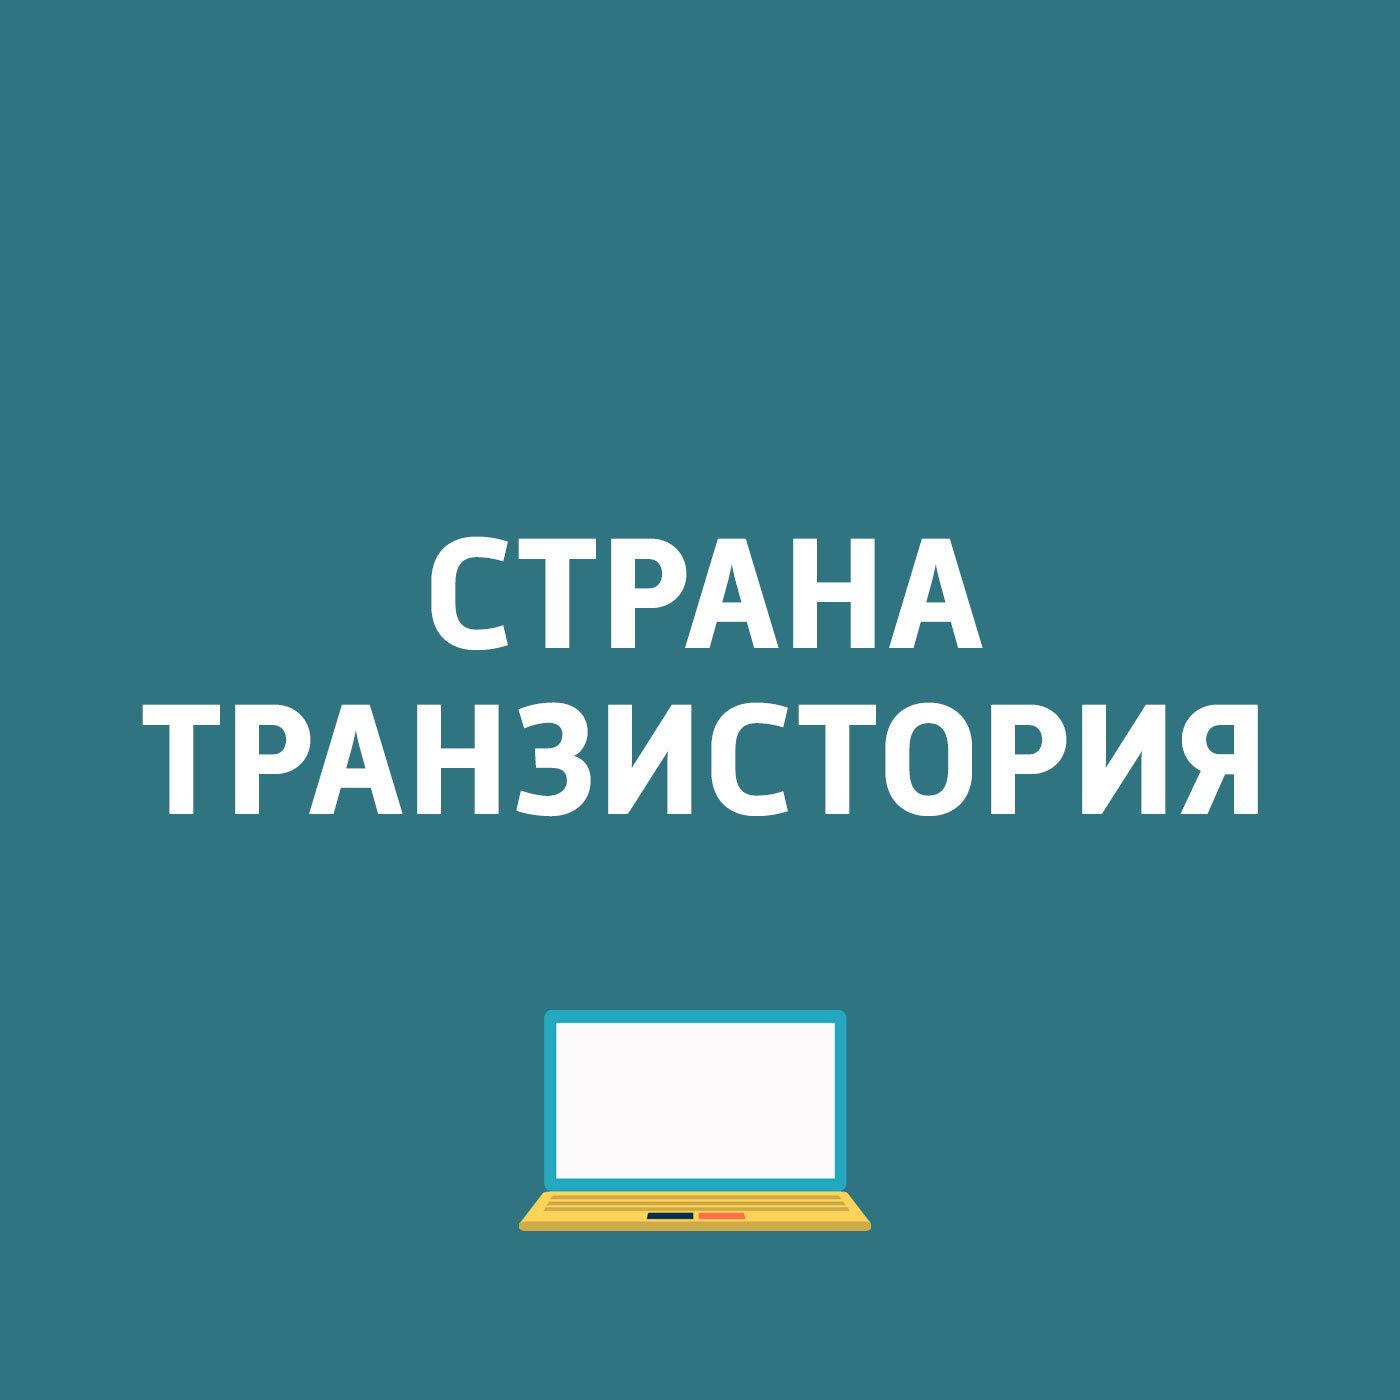 Картаев Павел Райдшеринг от Mail.ru; Старые версии Skype перестанут работать с 1 марта картаев павел объявлена дата выхода квеста syberia 3 часы lg watch style и watch sport